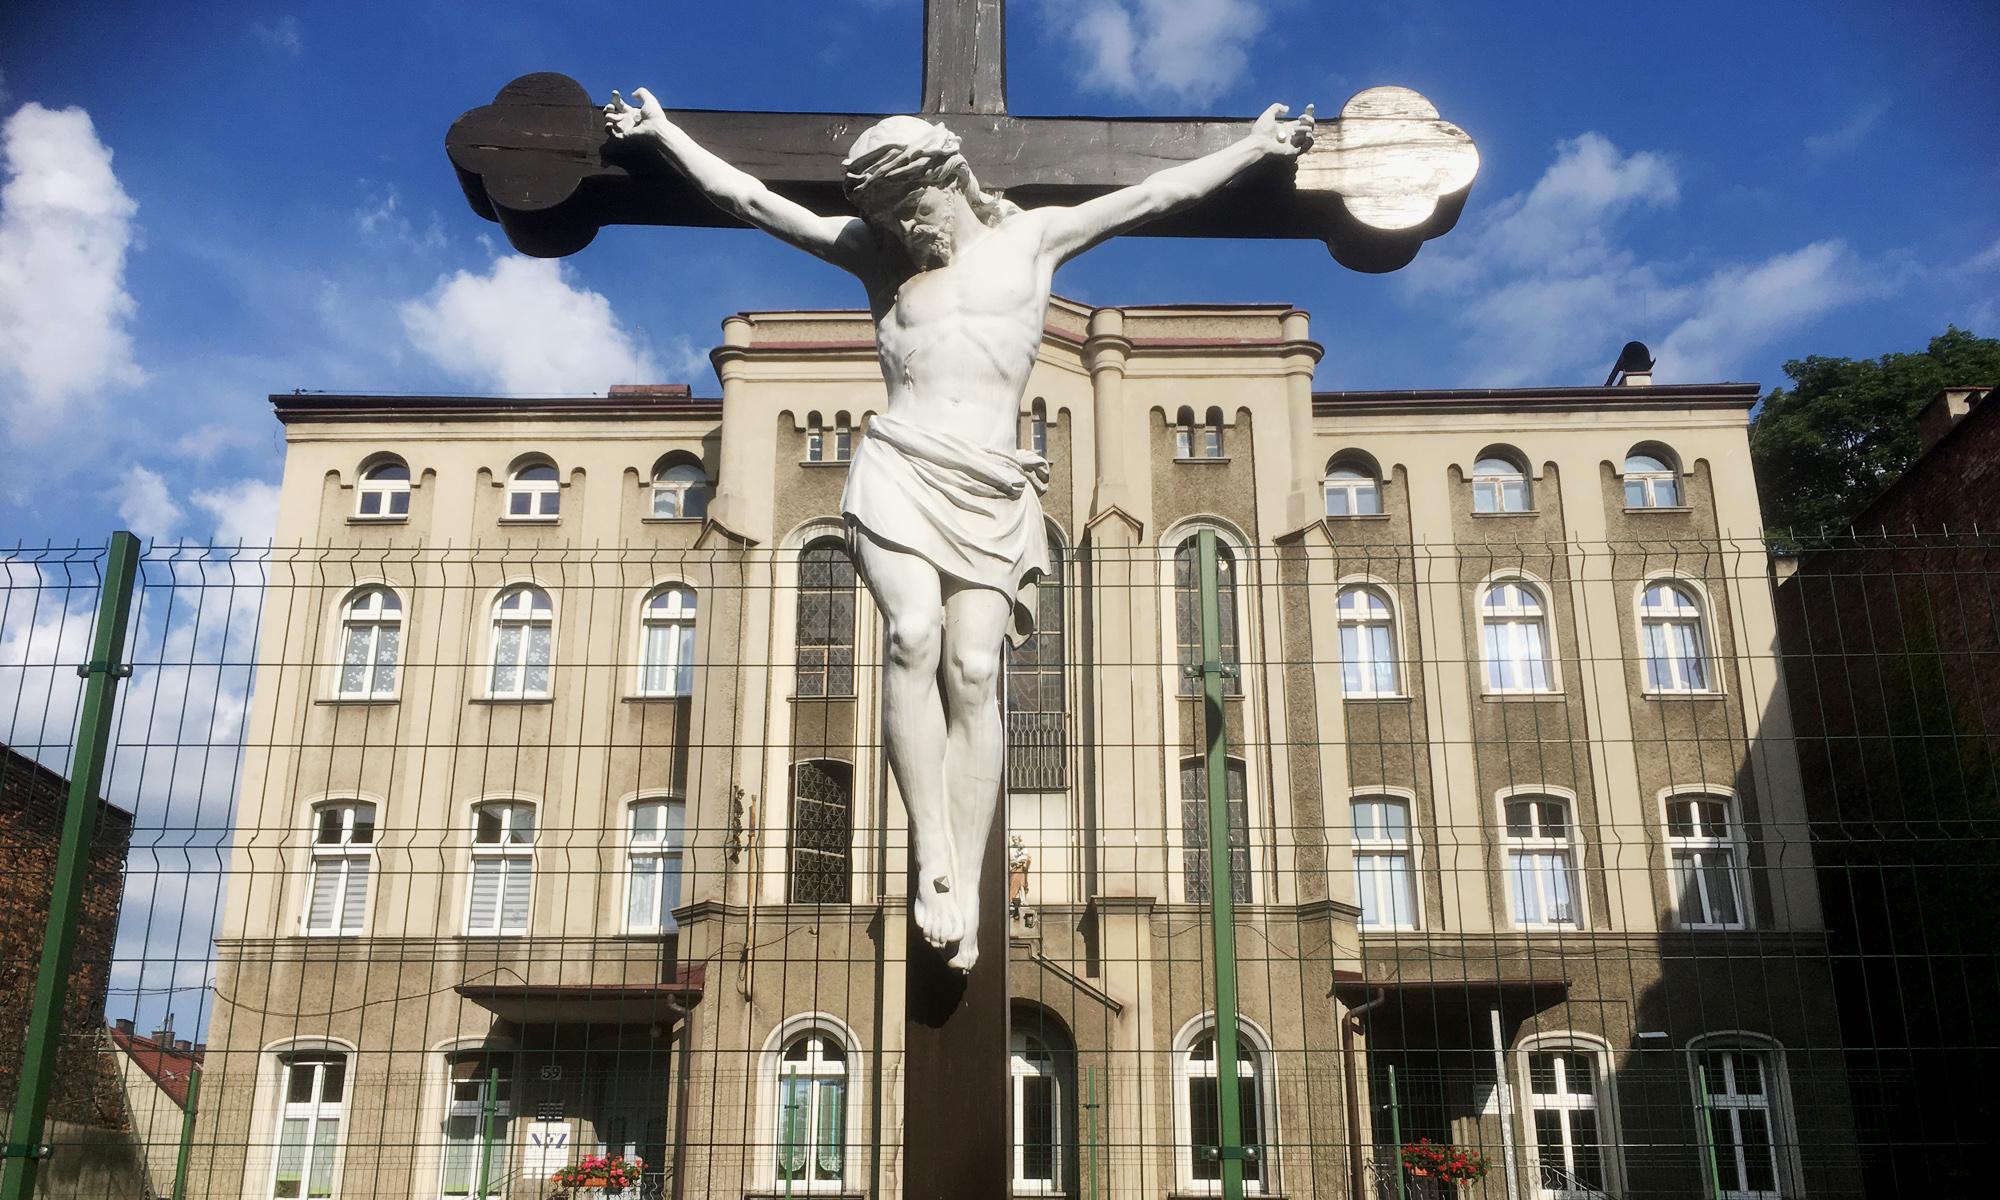 Zgromadzenie Służebnic Najświętszego Serca Jezusa